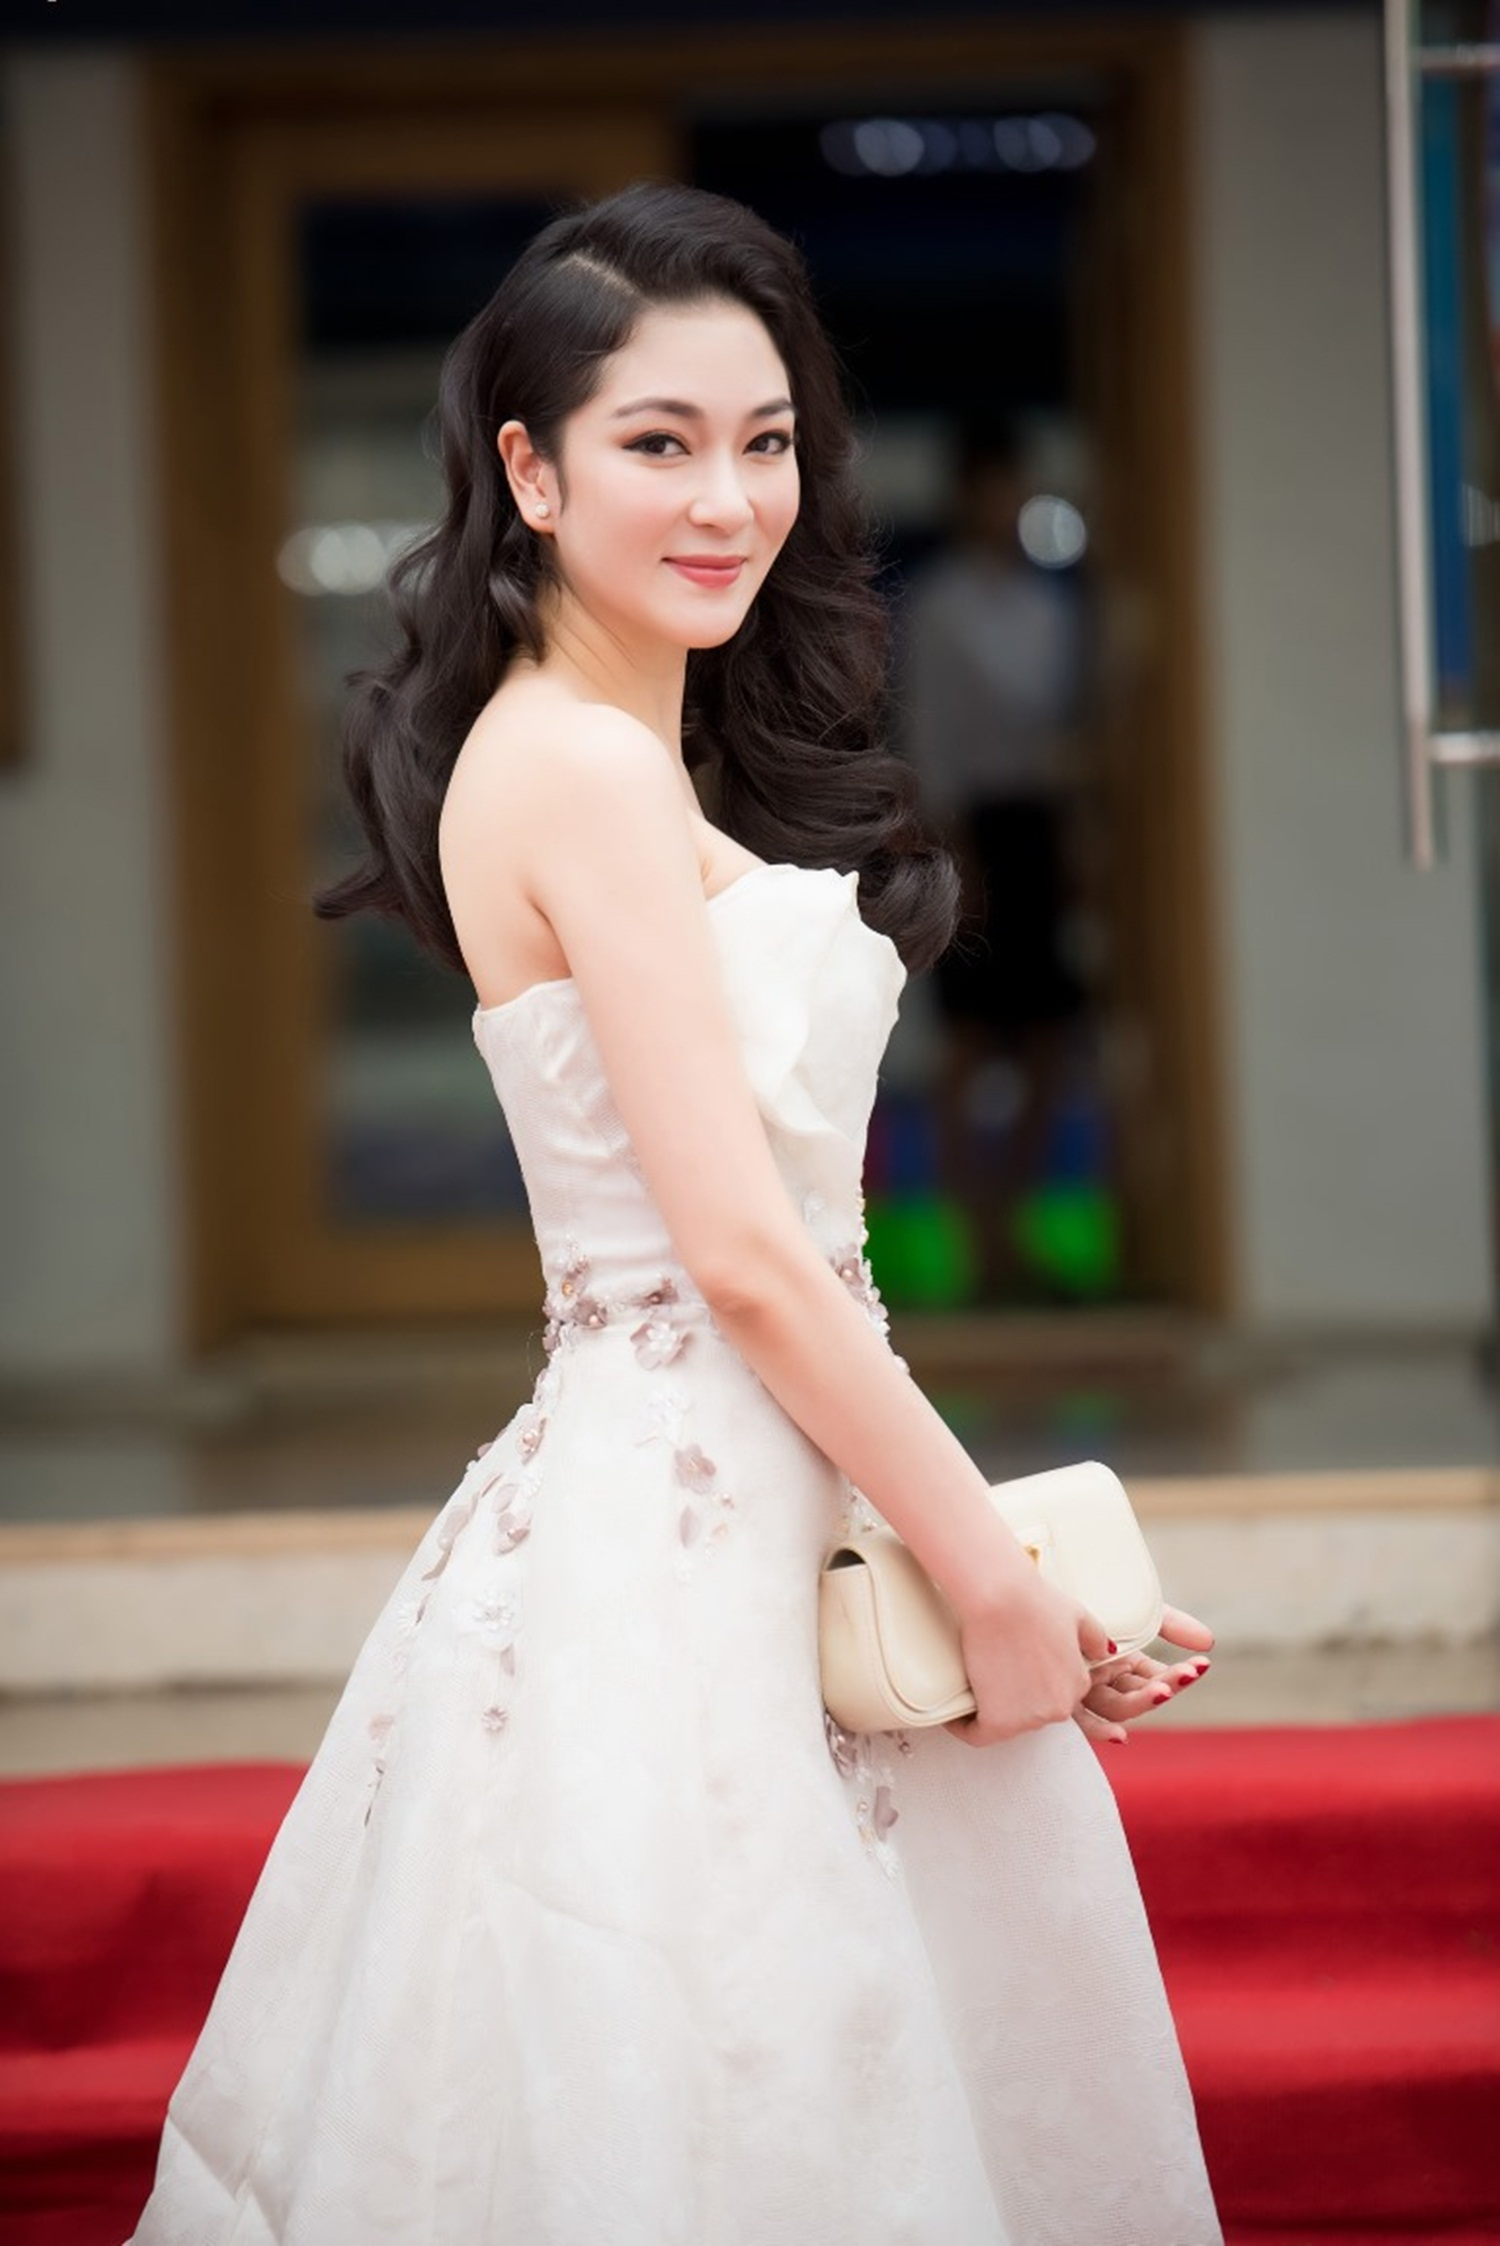 Tháng 5 vừa qua, cô cũng dự tiệc đón tiếp đại sứ các nước thám hiểm Sơn Đoòng. Nguyễn Thị Huyền gây chú ý khi vẫn sở hữu vẻ đẹp nữ tính, quyến rũ và ngày càng mặn mà của người phụ nữ trưởng thành.